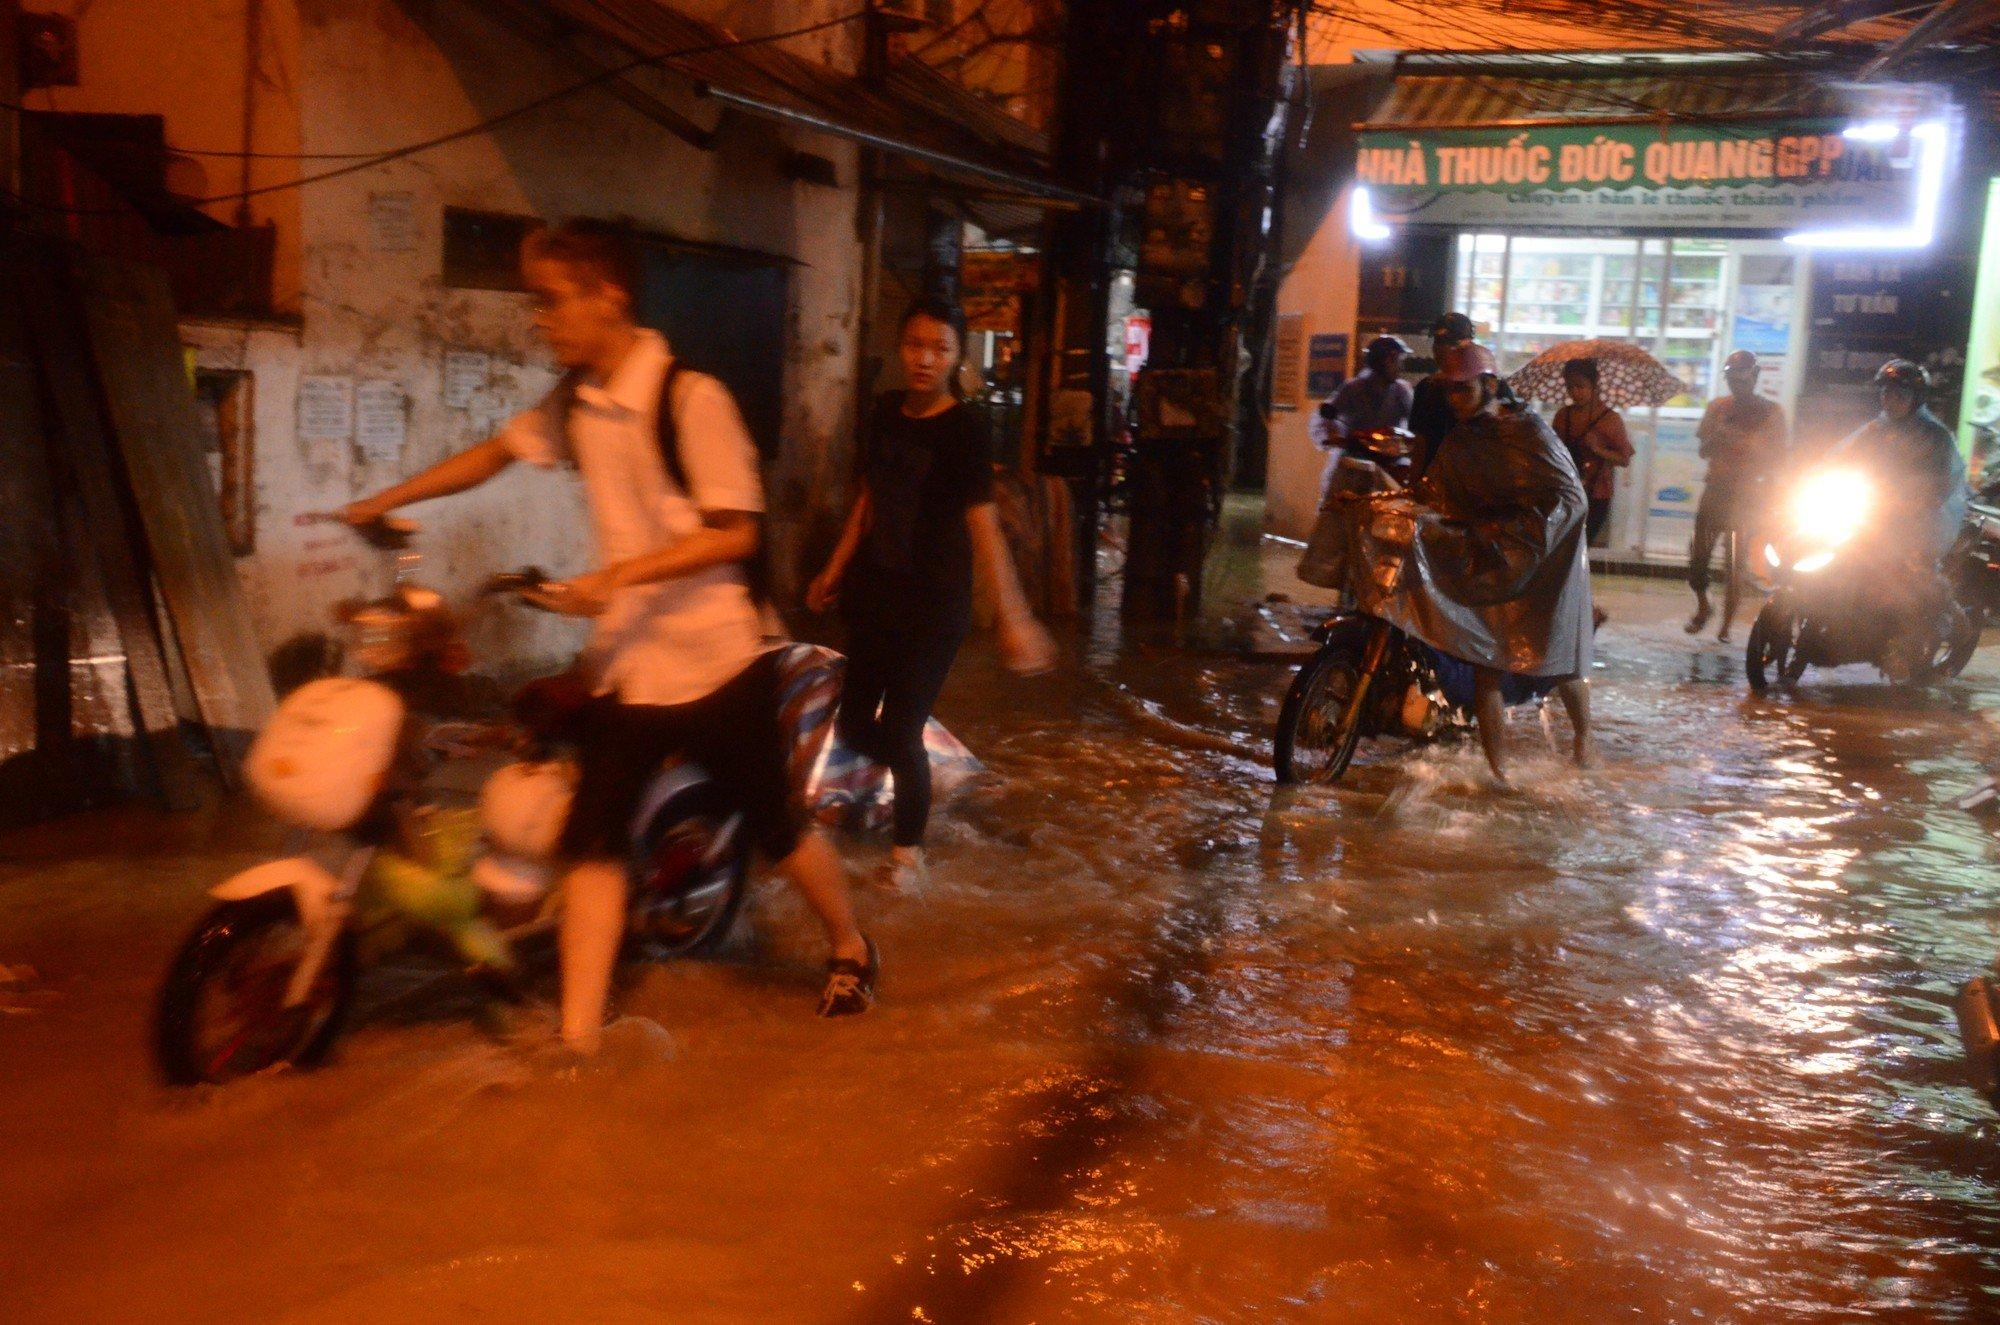 Đang ngập hàng loạt tuyến phố ở Hà Nội, giao thông tắc nghẽn kinh hoàng suốt nhiều giờ 11